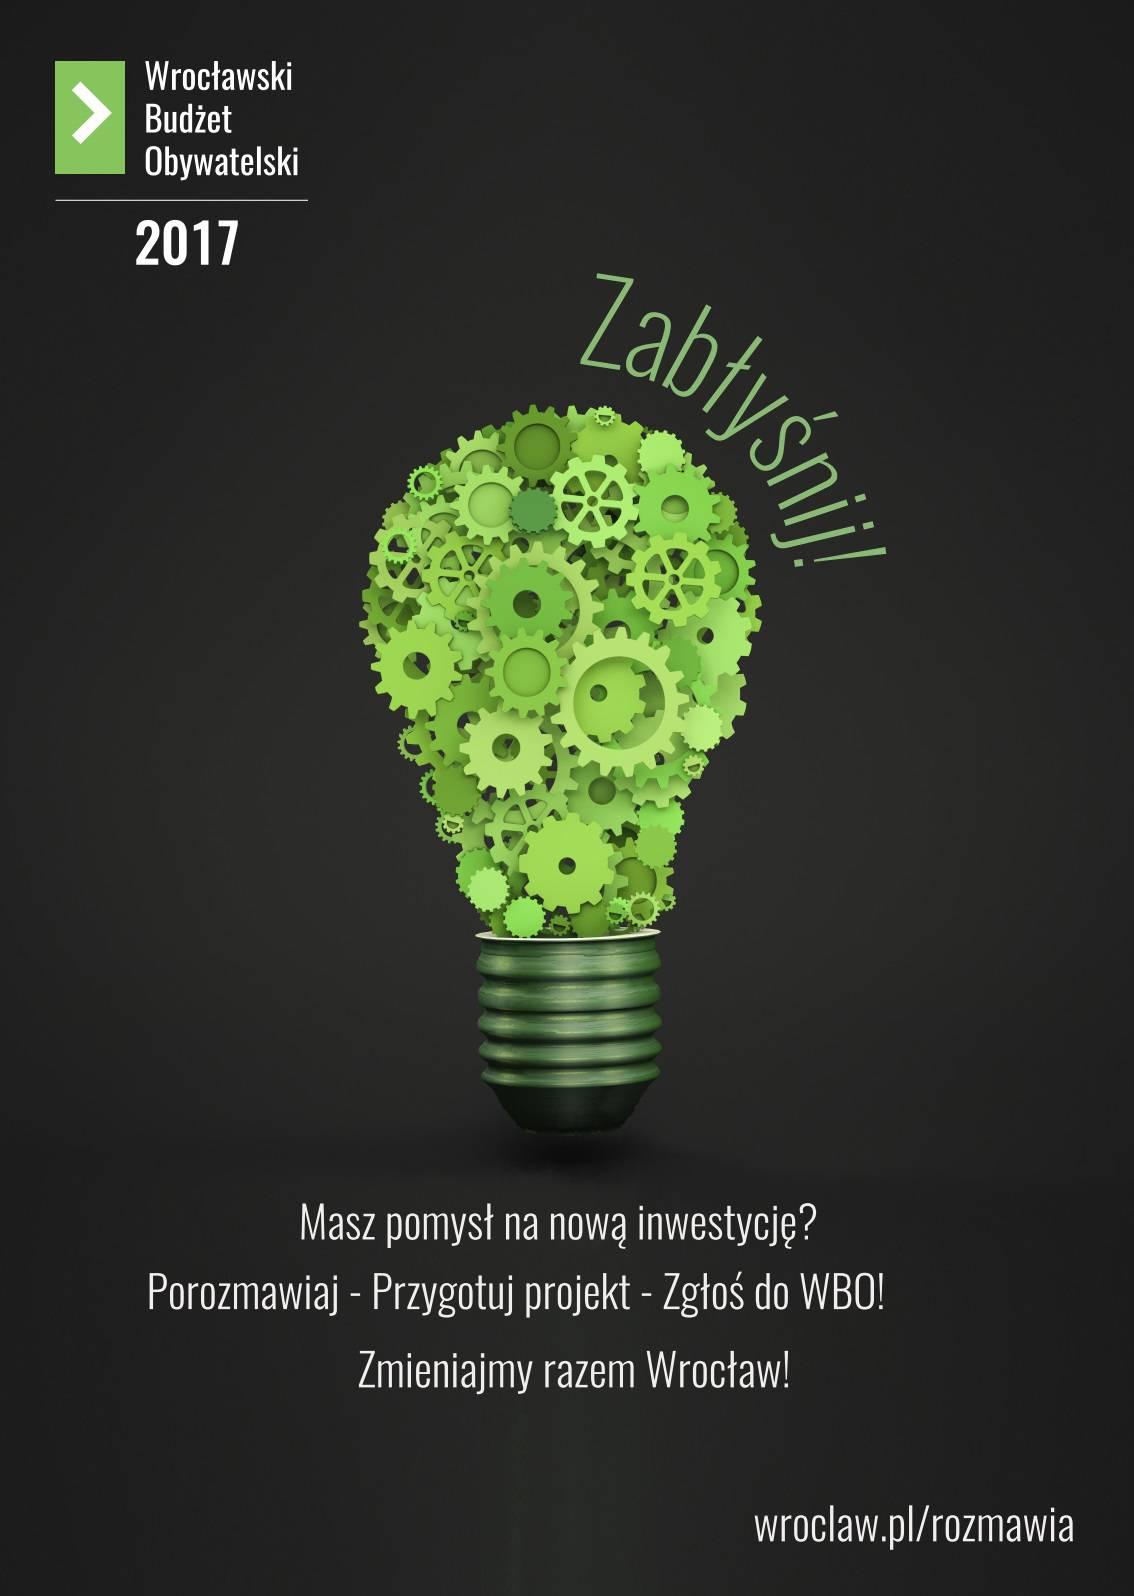 Вроцлавський громадський бюджет 2017: до розгляду внесено 745 проектів